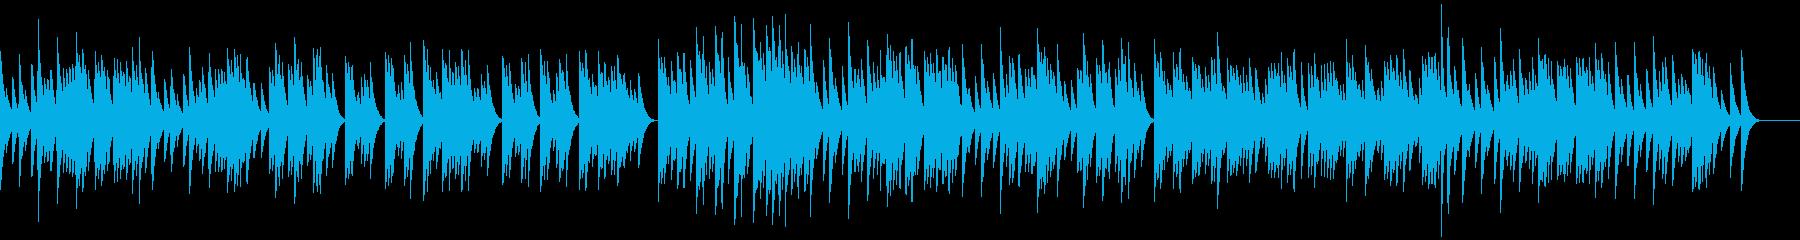 三拍子のオルゴールの再生済みの波形